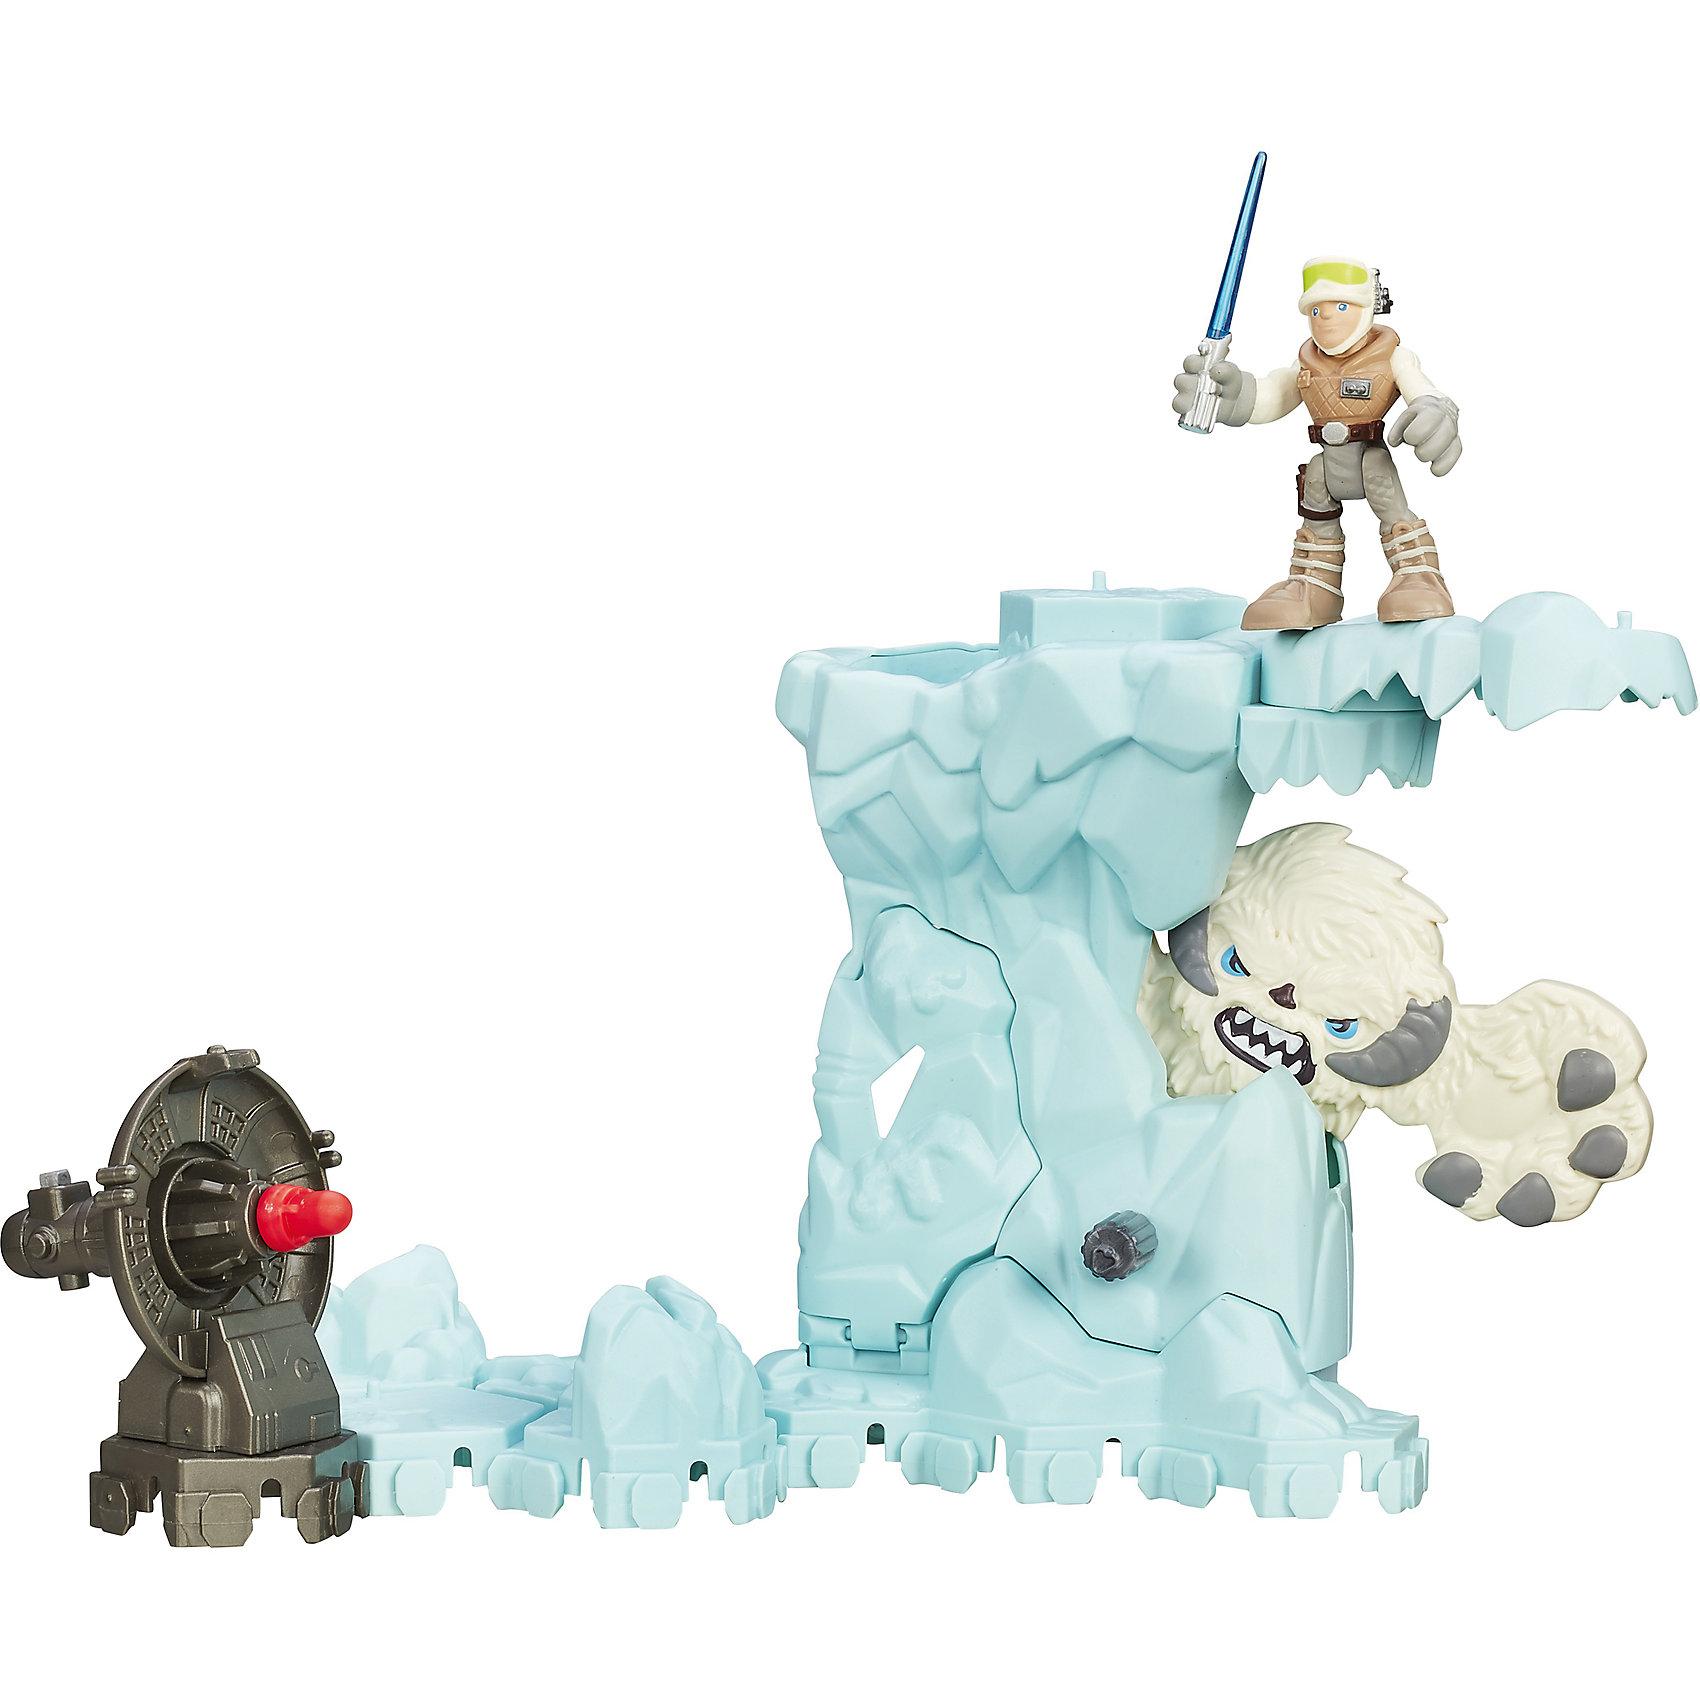 Набор Приключение, Звездные войны, PLAYSKOOL Heroes, B2031/B2030Набор Приключение порадует самых юных поклонников известной киносаги Star Wars. Помоги Люку Скайуокеру преодолеть грозного Вампу в ледяной пещере. Если покрутить колесо, чудовище выползет из укрытия - выстрели в него из мощного пулемета или порази световым мечом.<br>Все детали набора выполнены из высококачественного экологичного пластика с применением безопасных красителей.<br><br>Дополнительная информация:<br><br>- Материал: пластик.<br>- Размер упаковки: 20, 25,4х8 см.<br>- Высота фигурки Люка Скайуокера: 5 см. <br>- Комплектация: ледяная стена, фигурка Люка Скайуокера, фигурка Вампы, оружие, снаряд.<br>- Фигурка с подвижными конечностями. <br><br>Набор Приключение, Звездные войны, PLAYSKOOL Heroes, можно купить в нашем магазине.<br><br>Ширина мм: 81<br>Глубина мм: 254<br>Высота мм: 203<br>Вес г: 549<br>Возраст от месяцев: 36<br>Возраст до месяцев: 84<br>Пол: Мужской<br>Возраст: Детский<br>SKU: 4563931